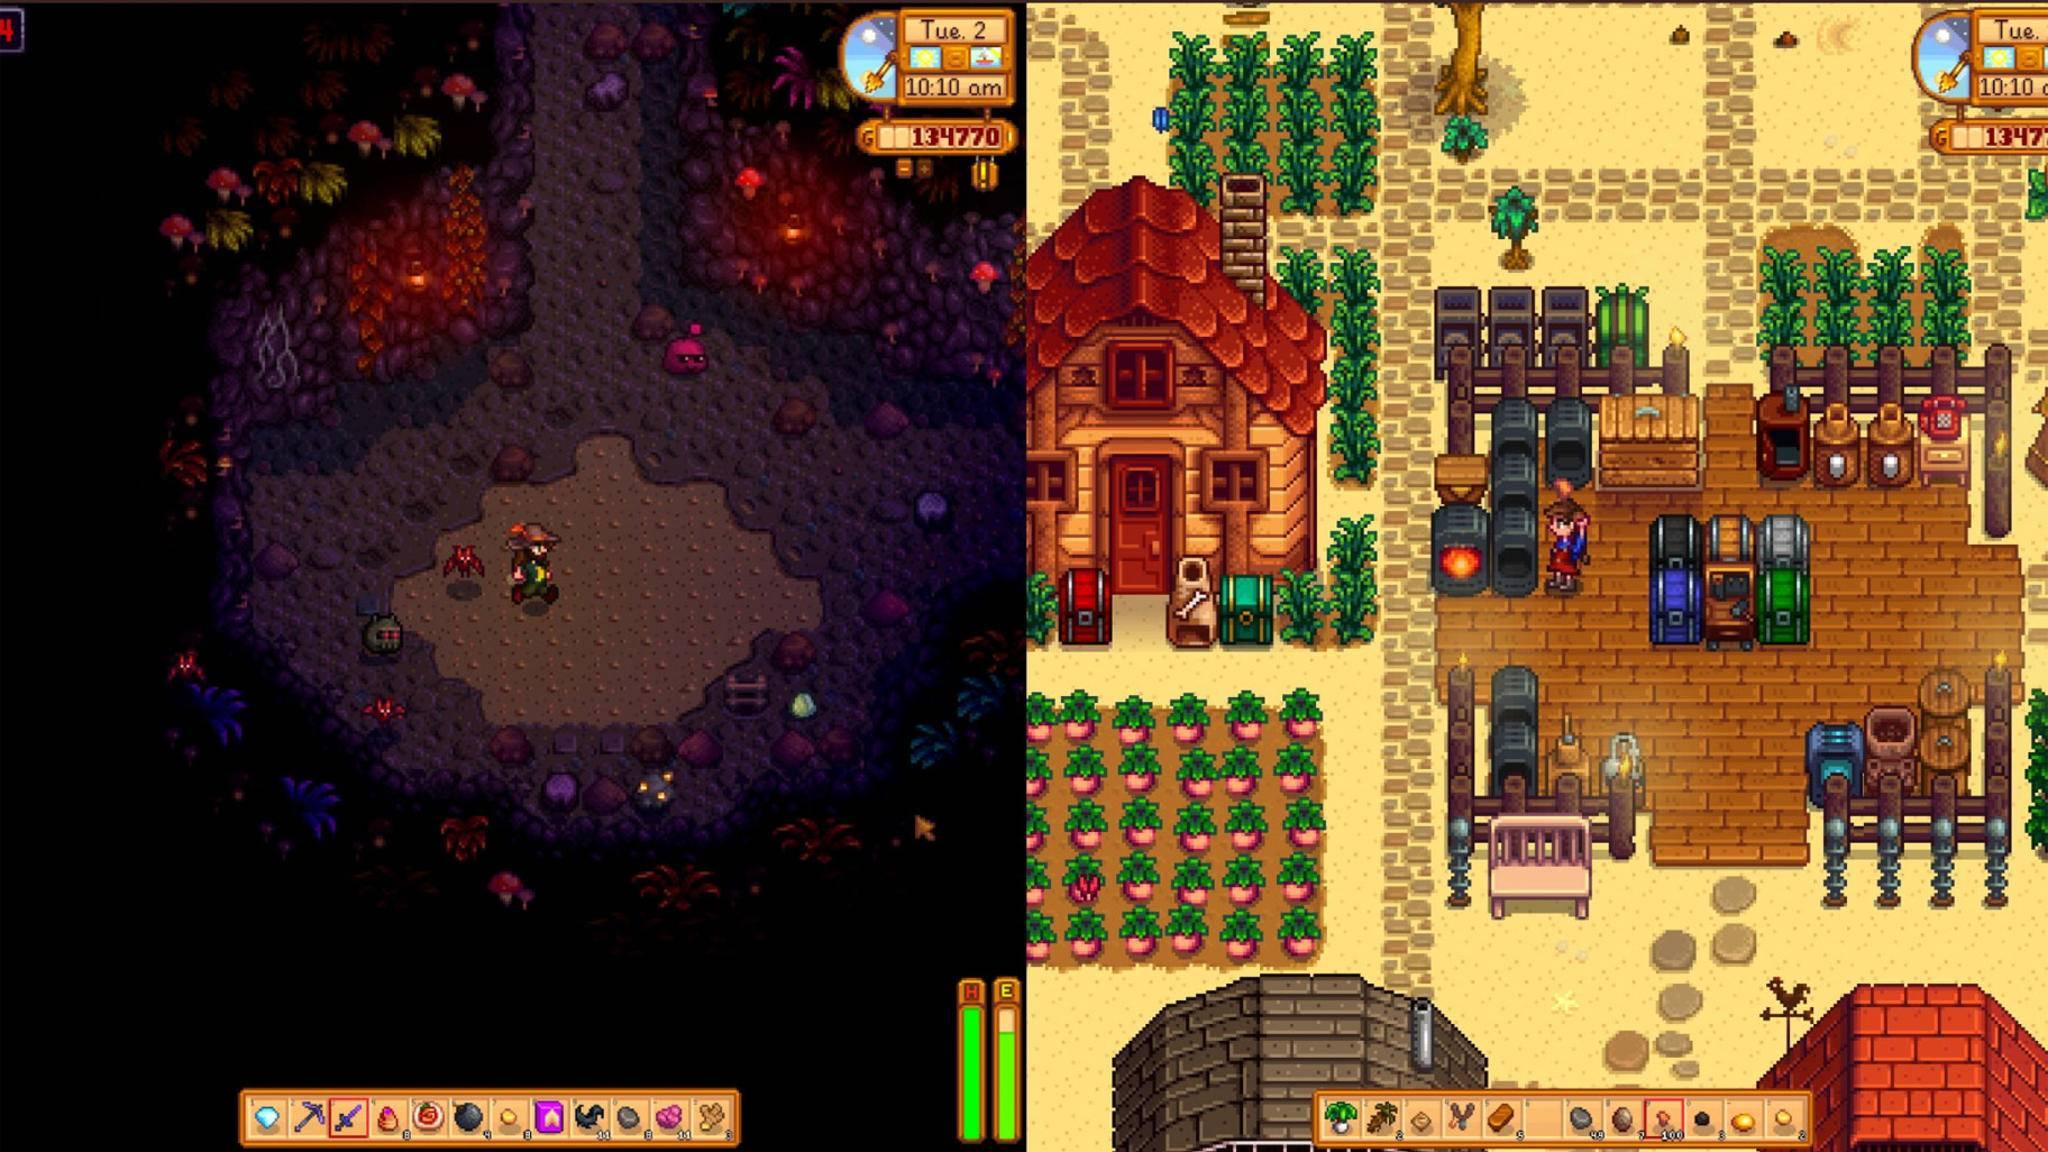 stardew-valley-split-screen-screenshot